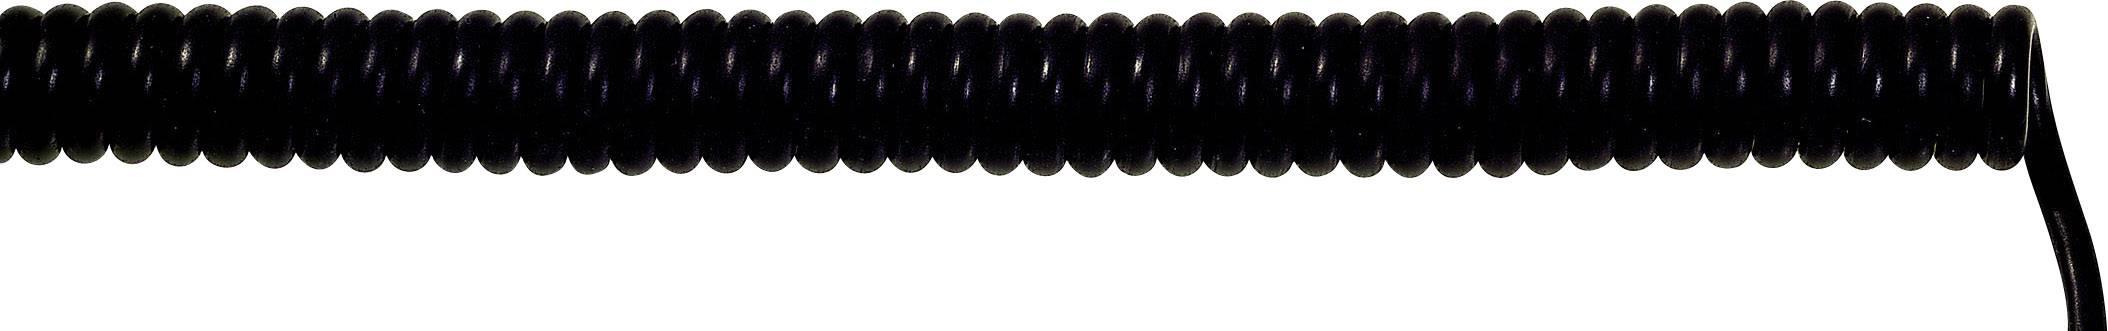 Špirálový kábel 73220215 UNITRONIC® SPIRAL 5 x 0.14 mm², 100 mm / 400 mm, čierna